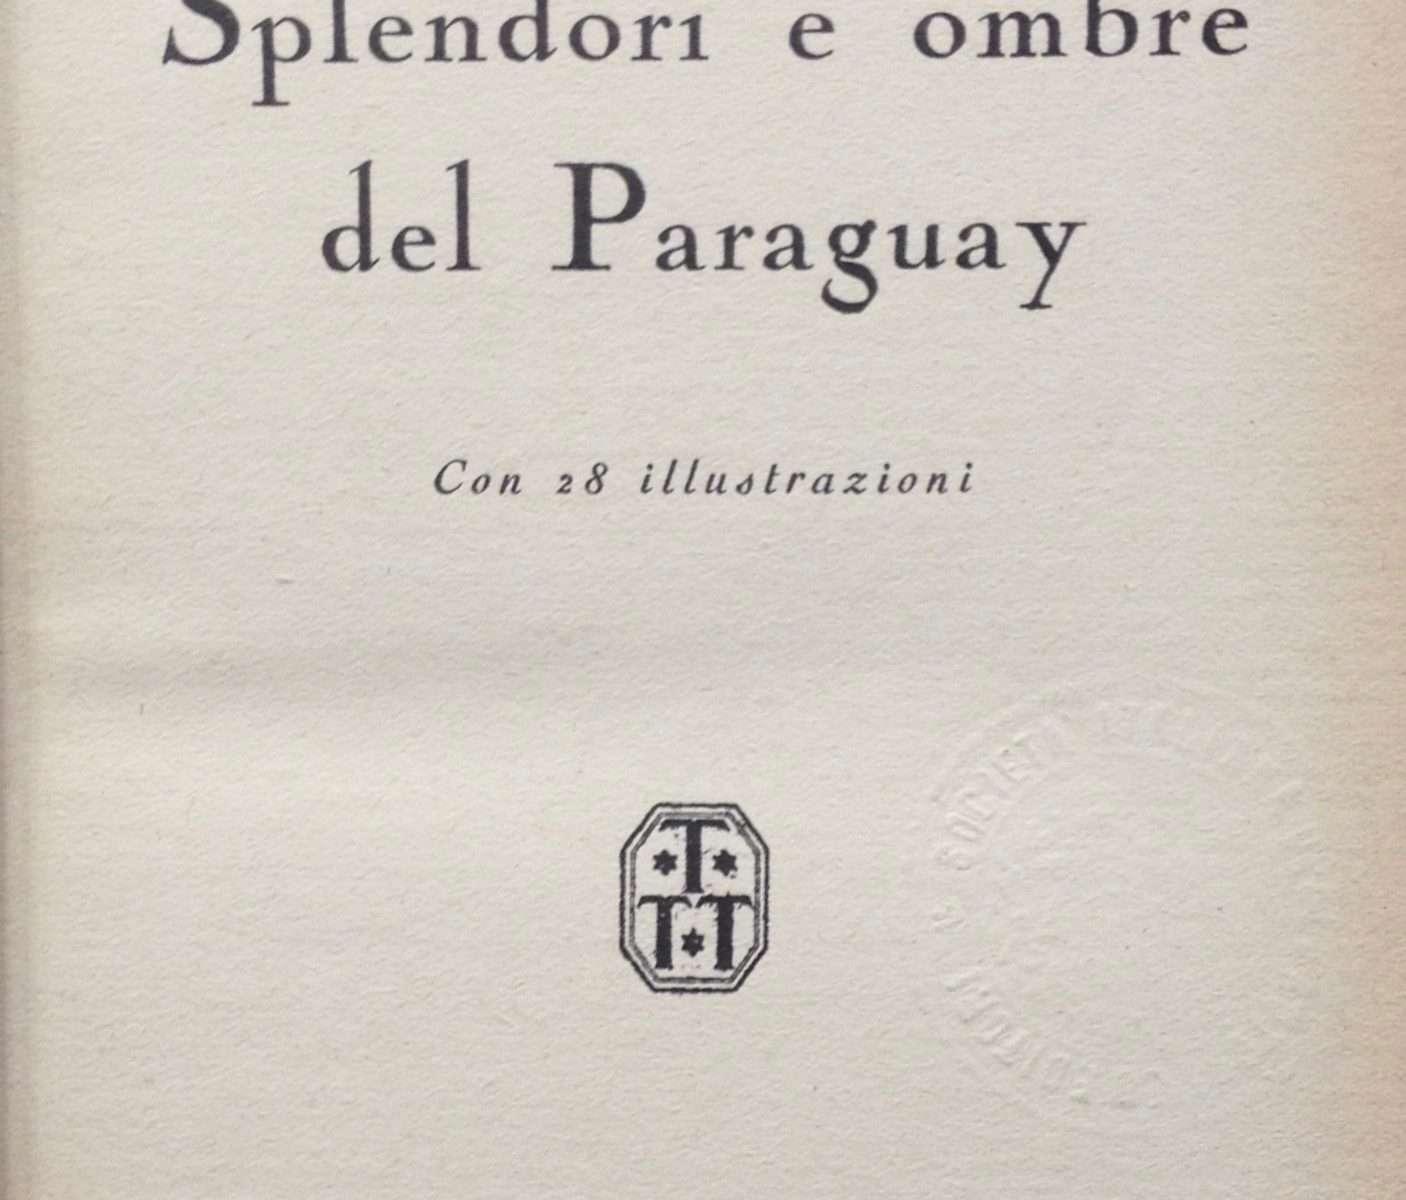 SPLENDORI E OMBRE DEL PARAGUAY  <BR/> Arnaldo Fraccaroli